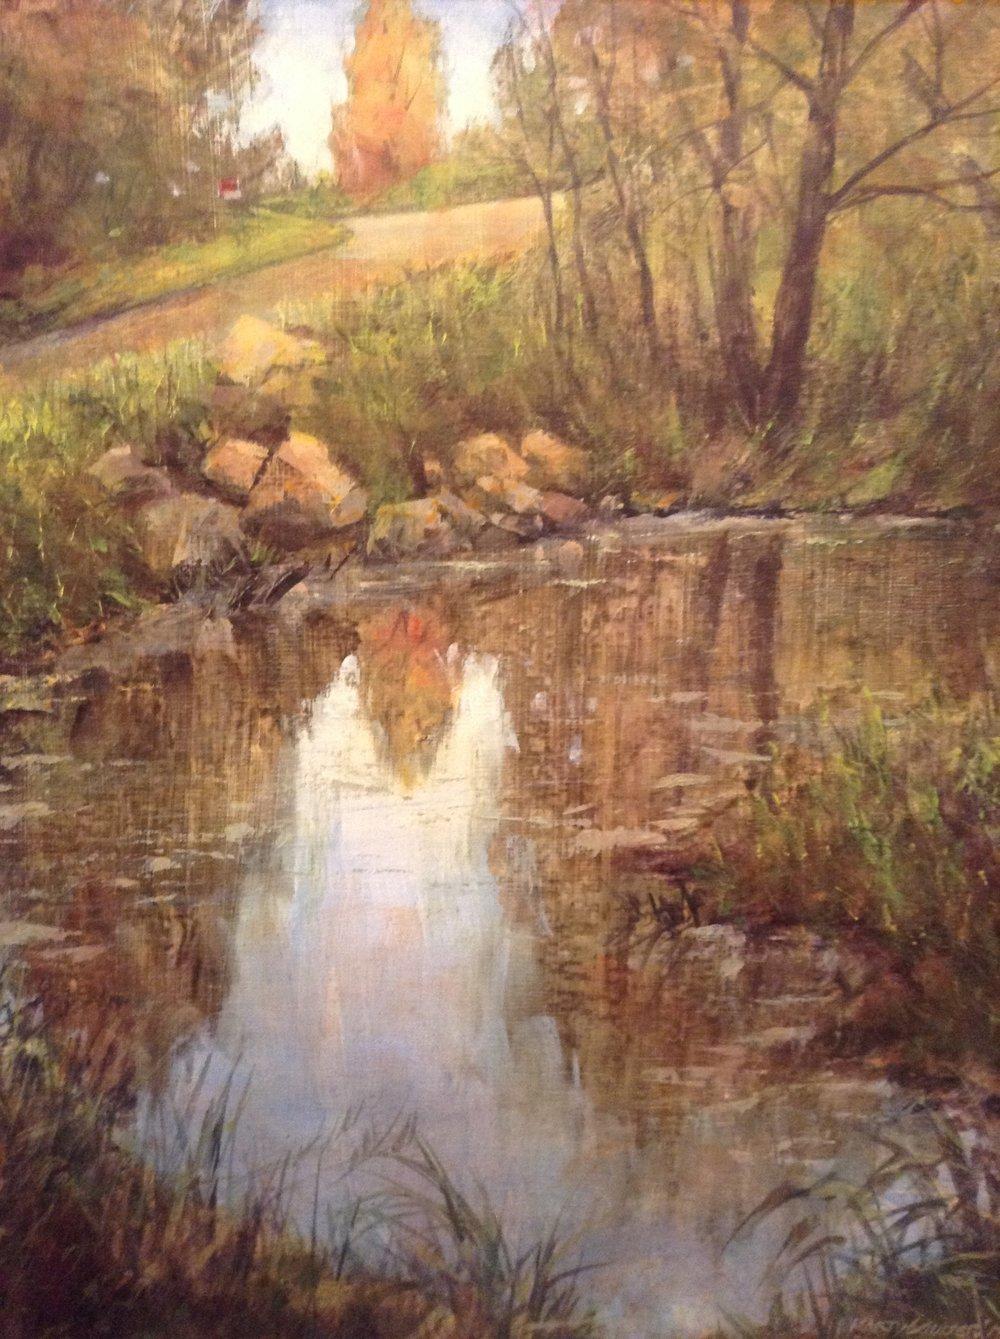 Reflections at Klondike